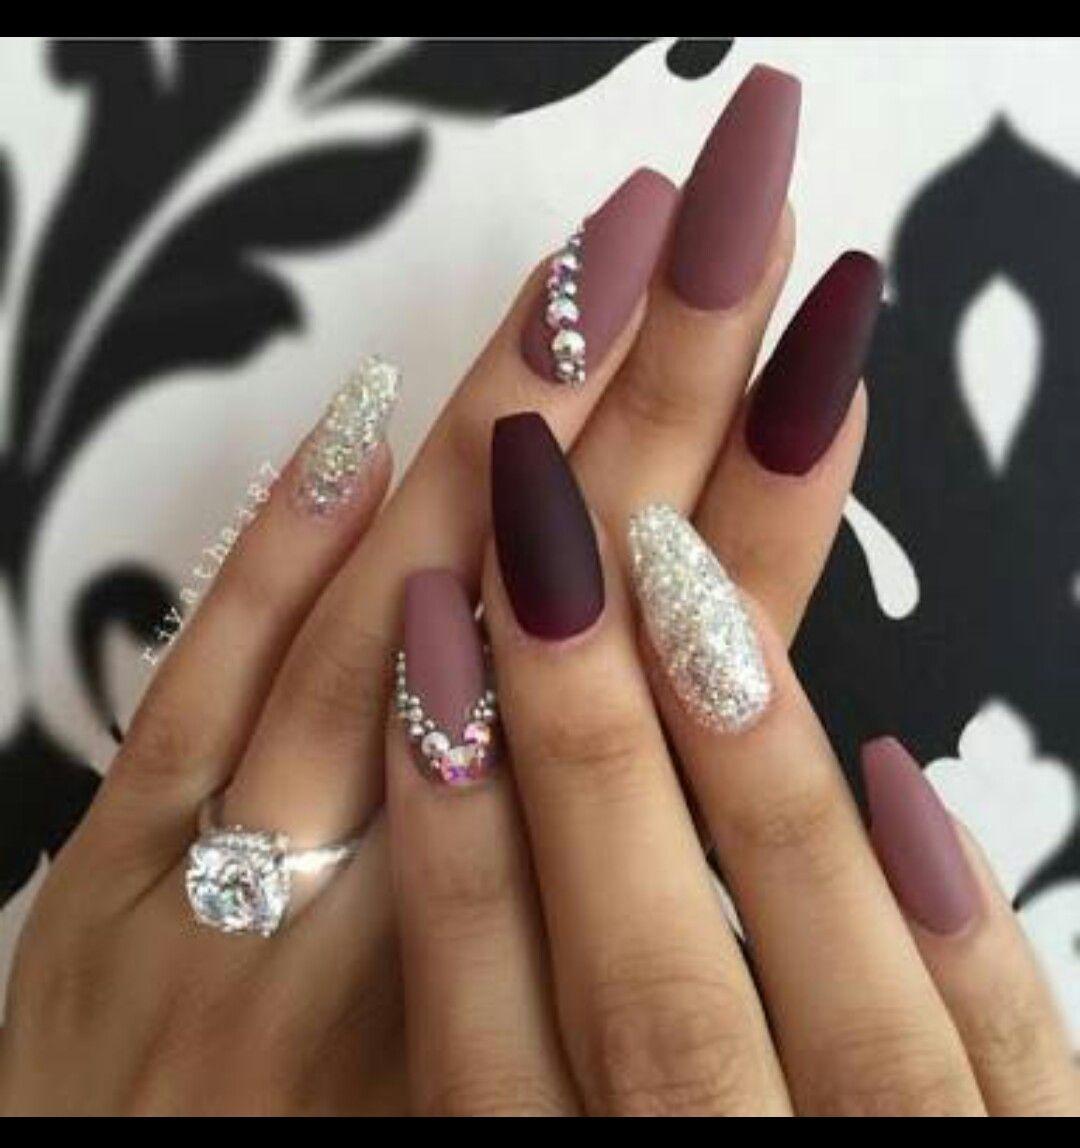 Pin by Gina Hernandez on Nails | Pinterest | Nail nail, Nail swag ...